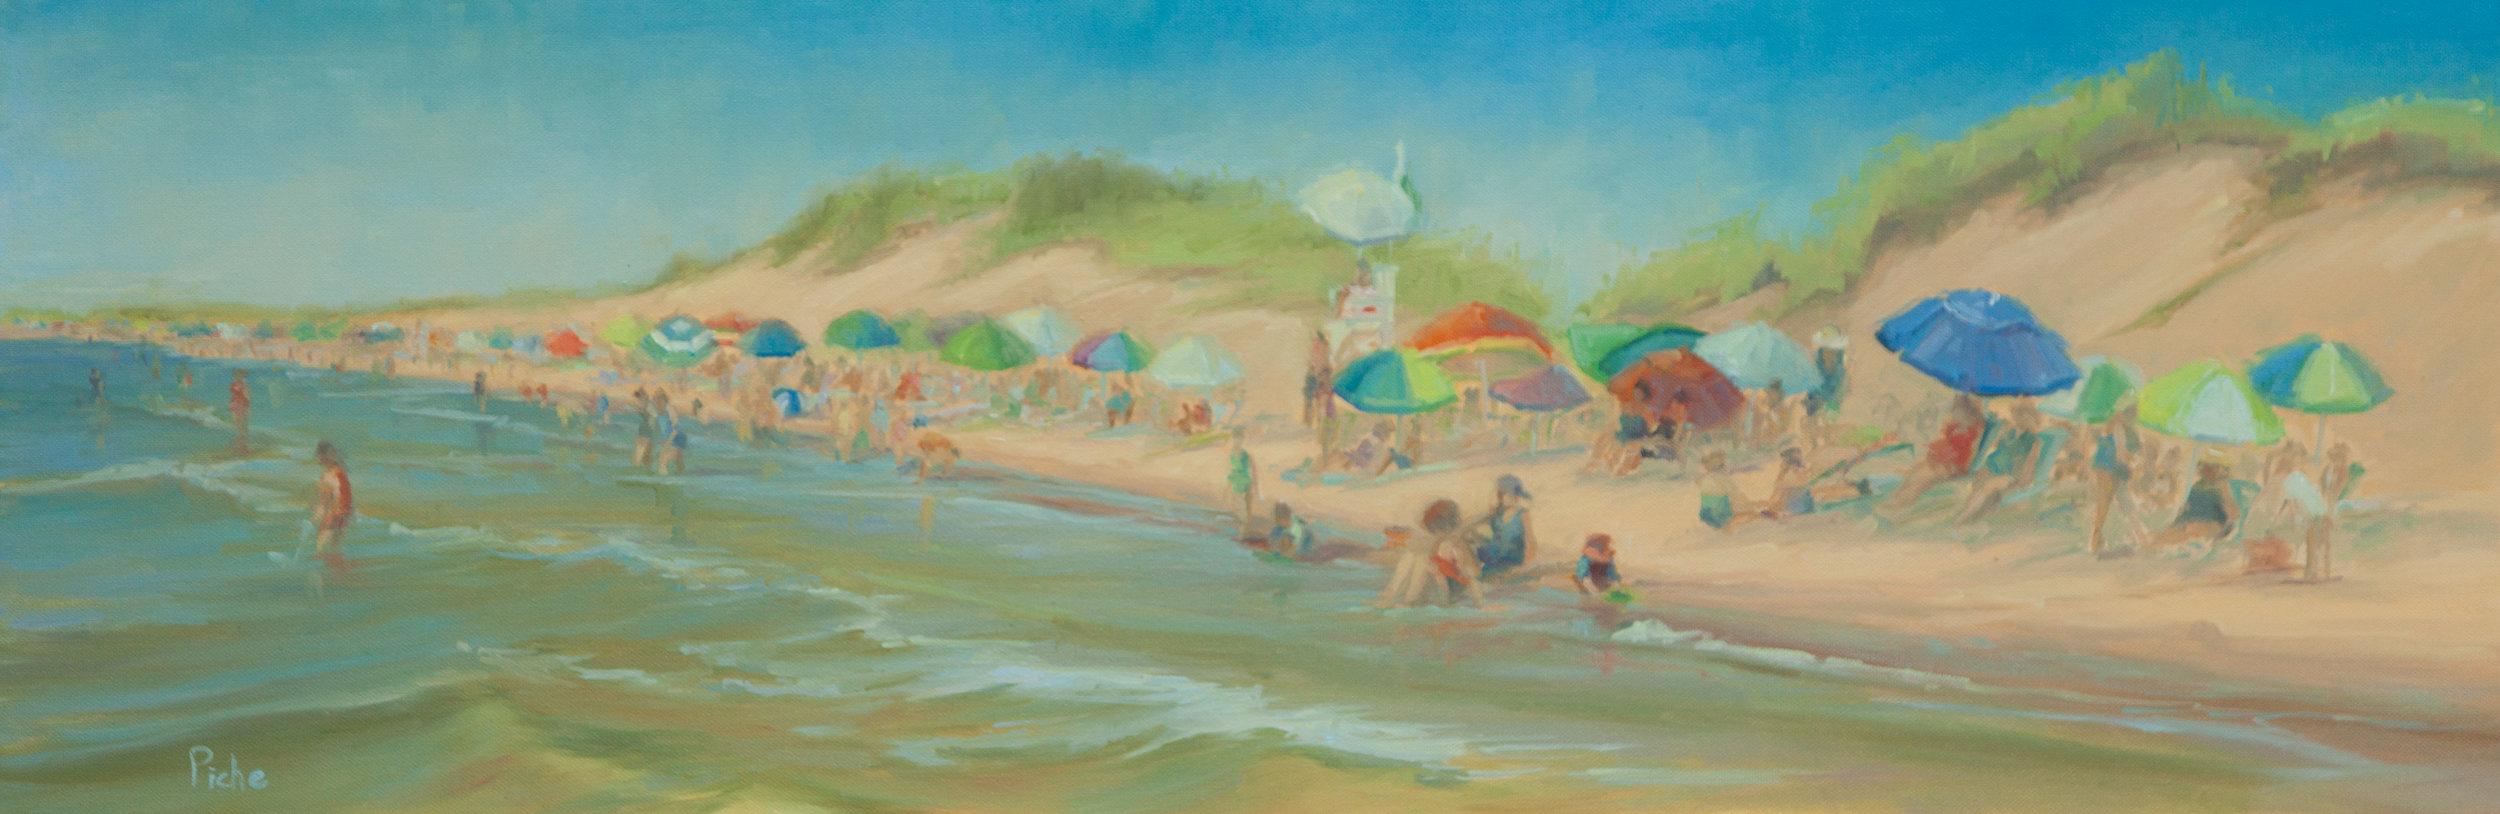 Race Point Beach Day